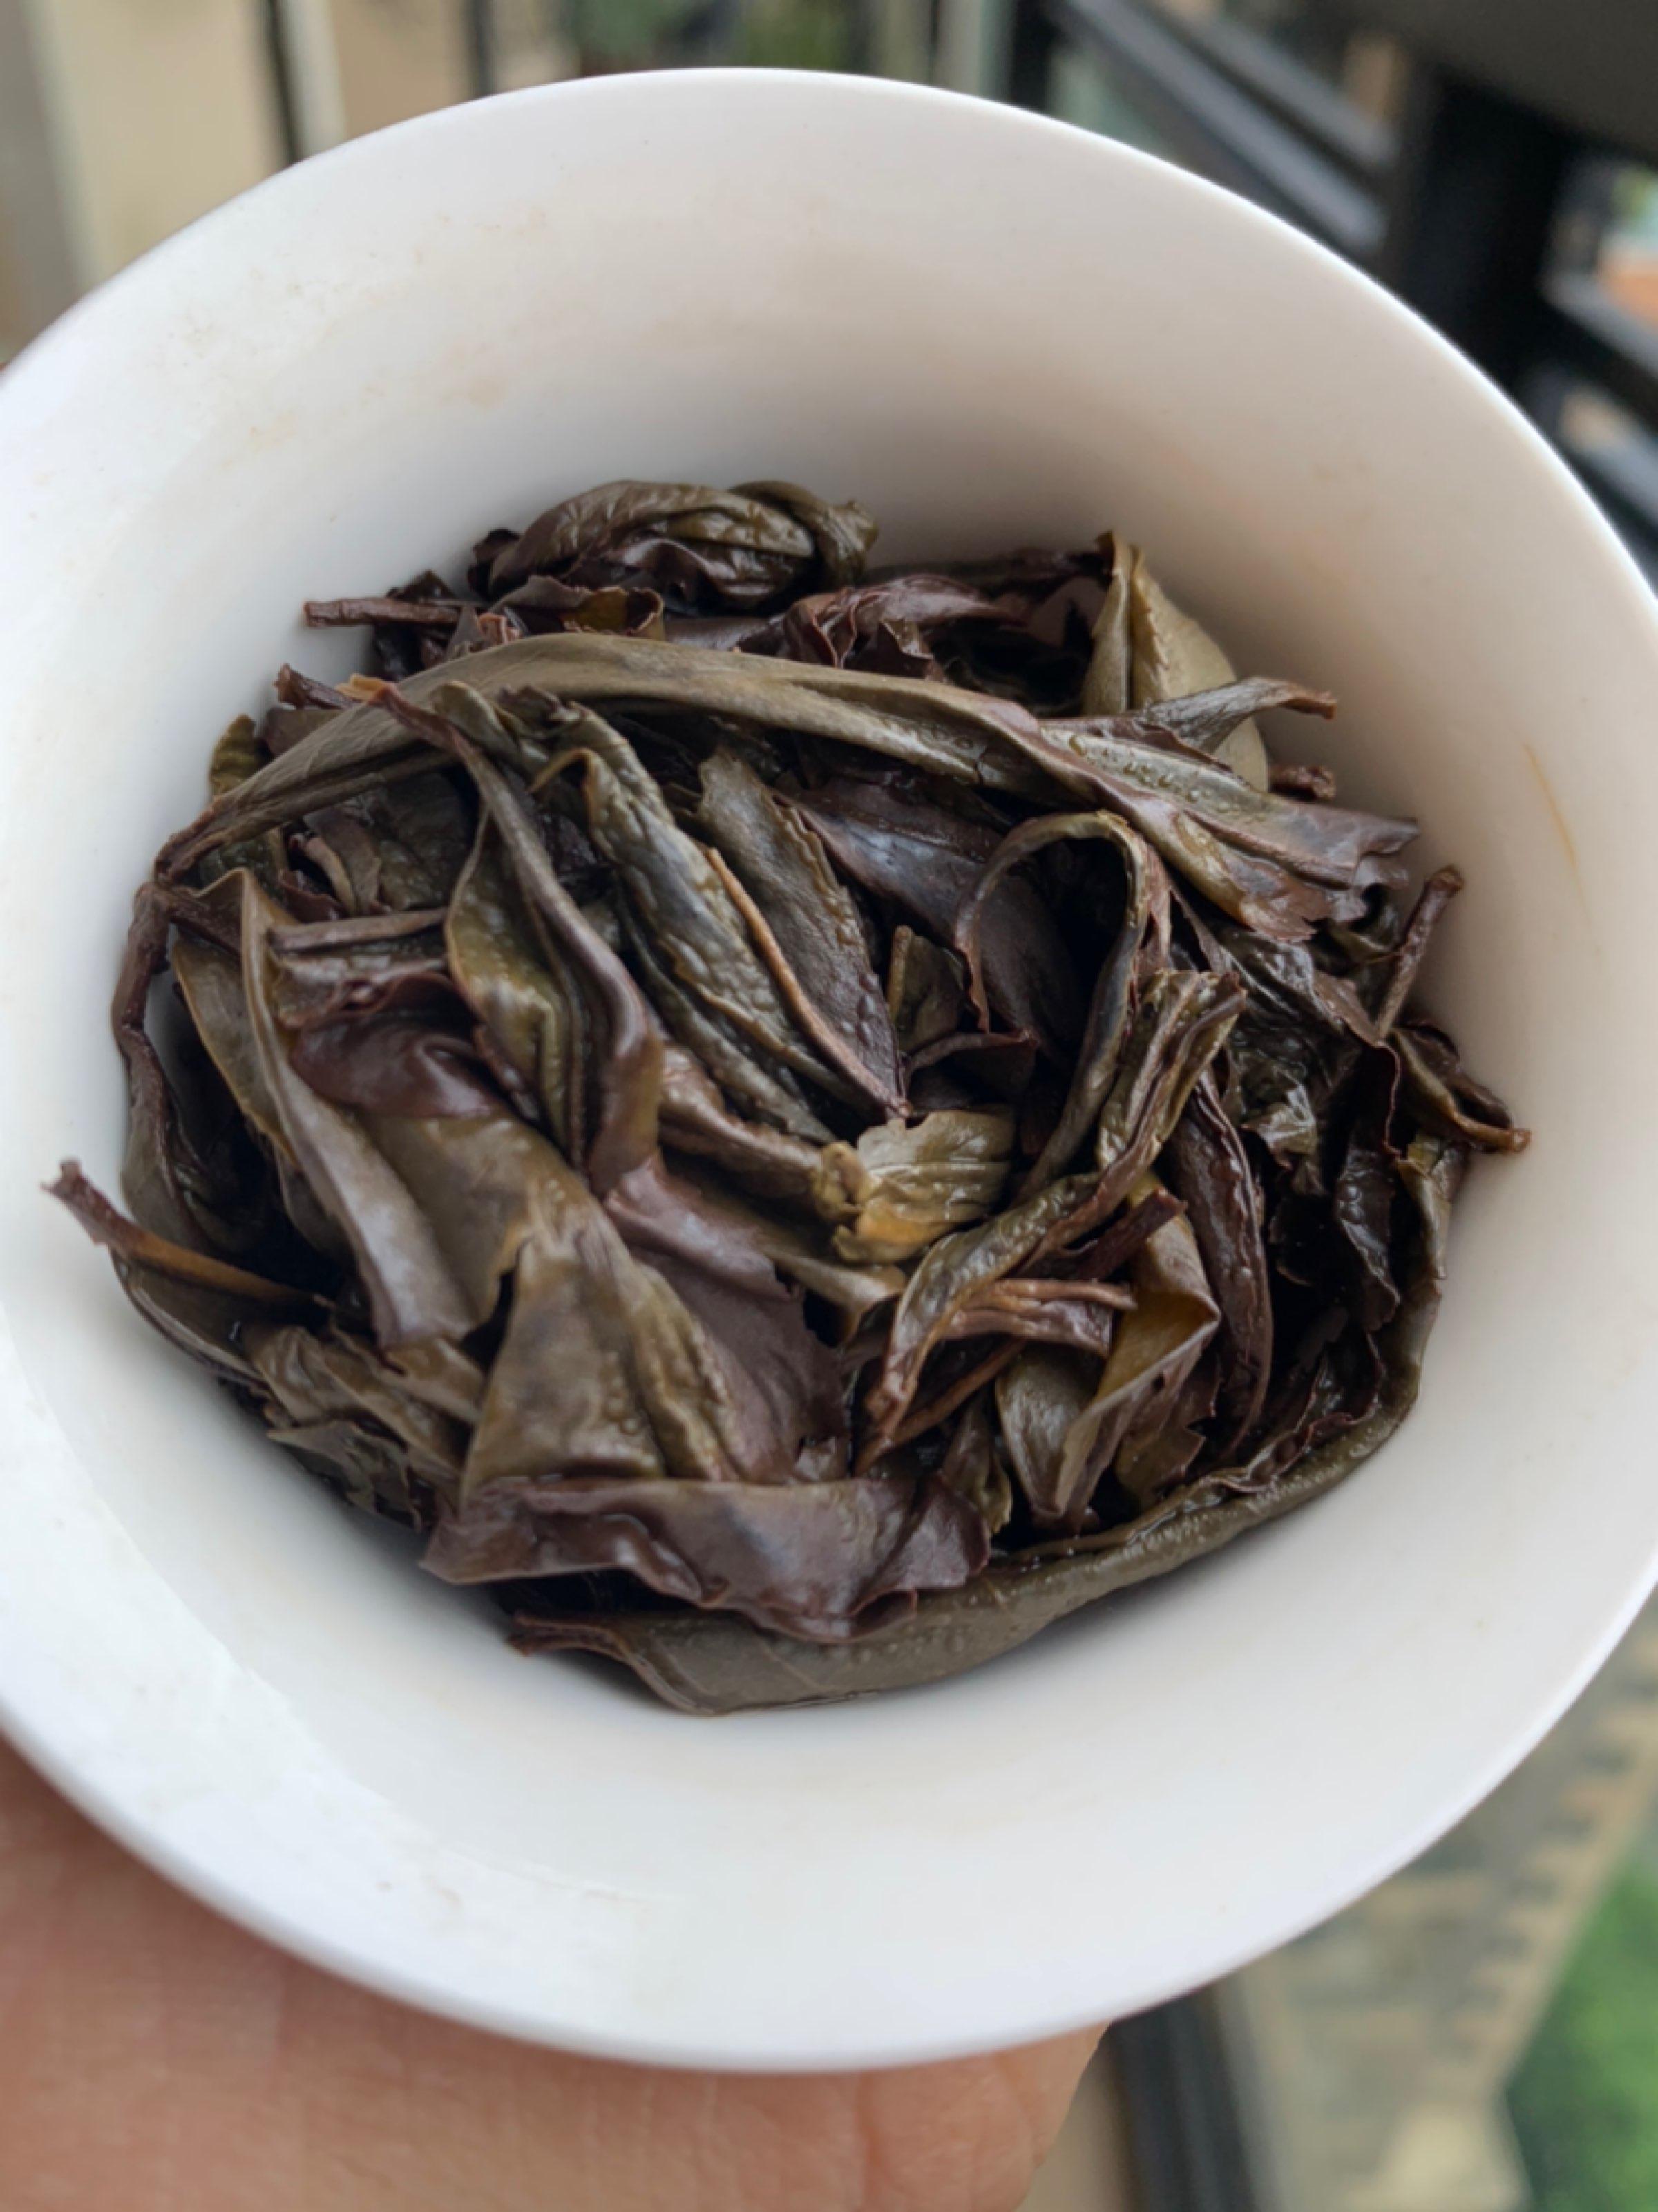 岩茶圈子相对小众.深圳有约岩茶的茶友么